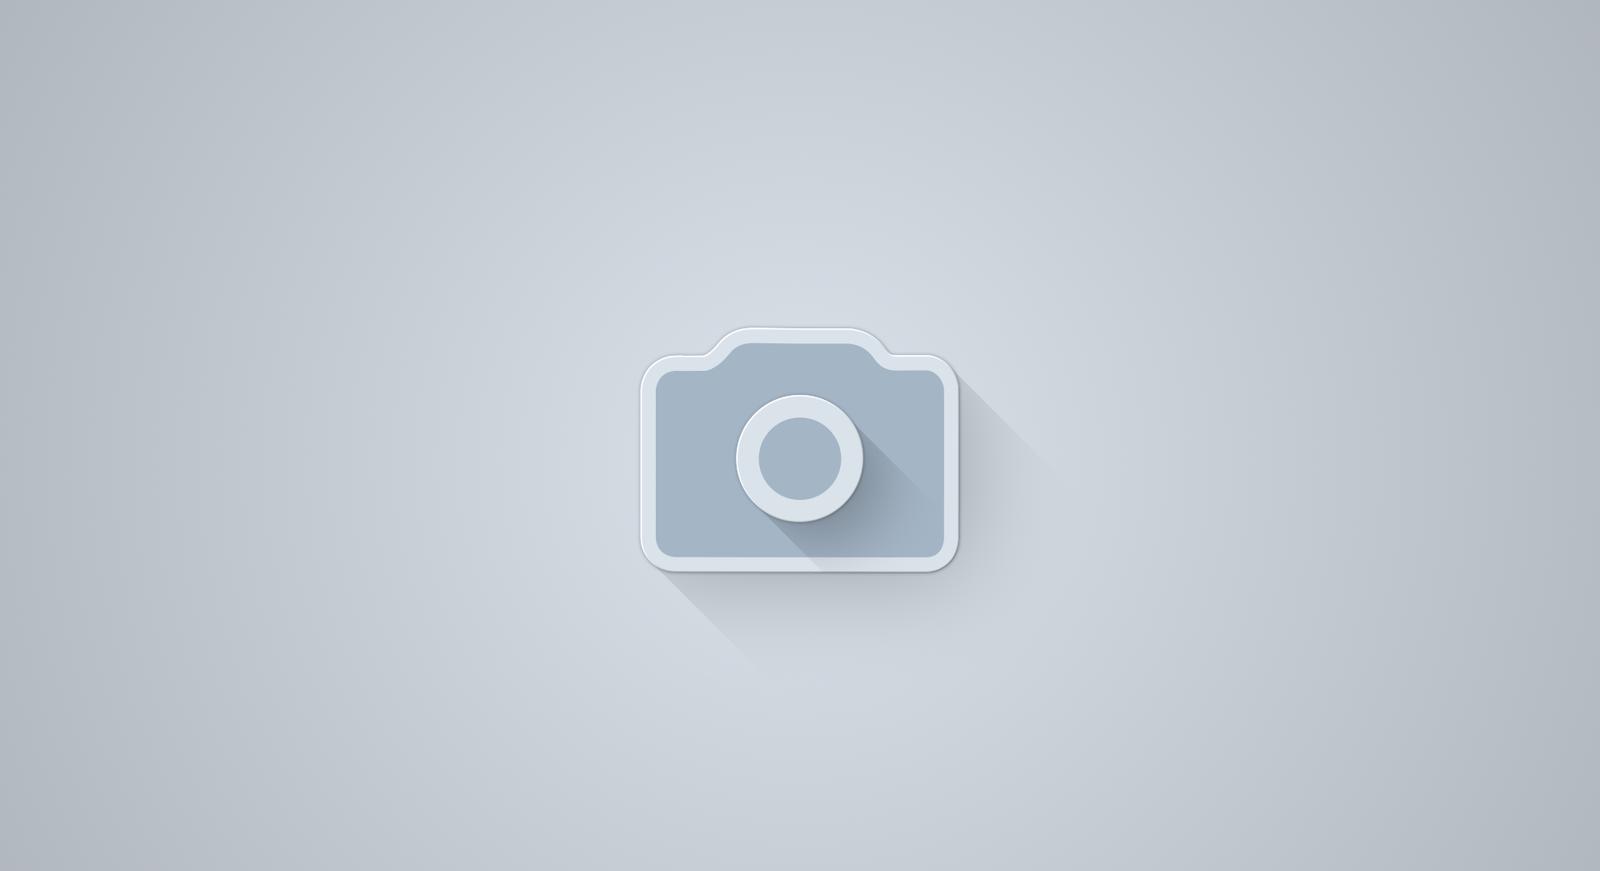 Актуальные требования к изображениям Вконтакте